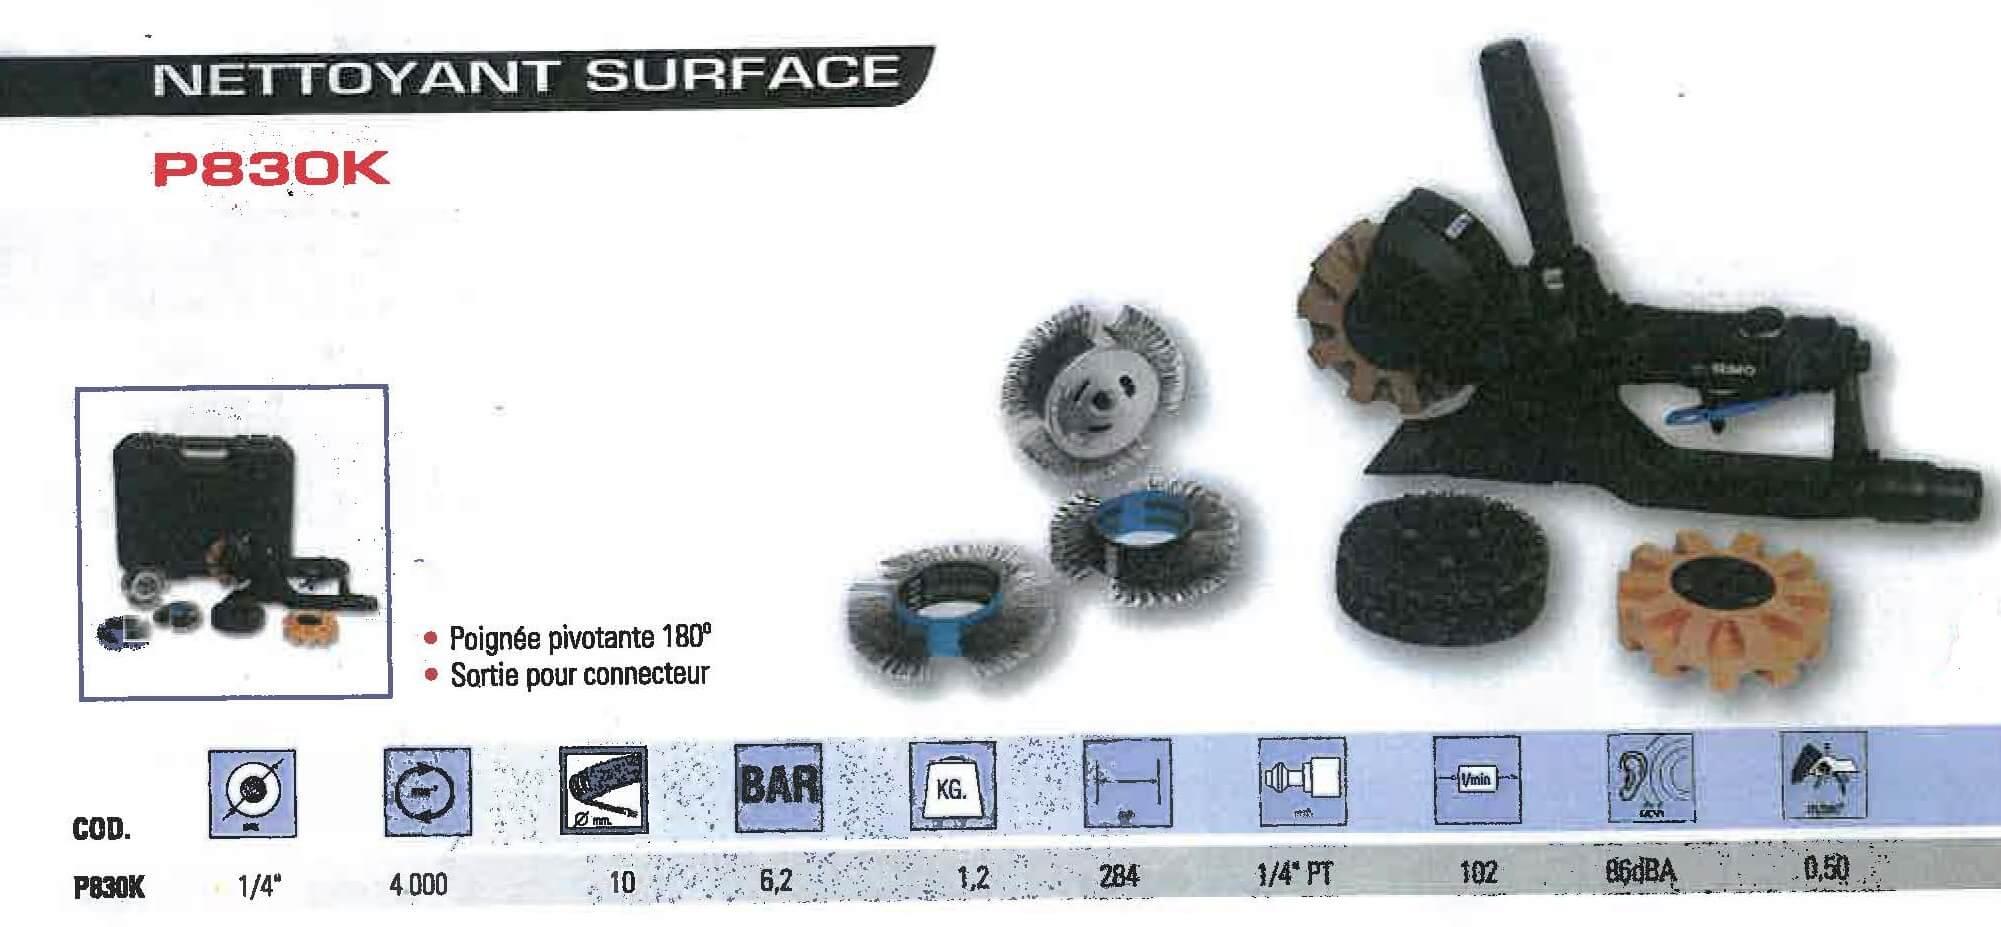 Brosse pneumatique promo image du site alexyne sarl for Garage pneu bourgoin jallieu